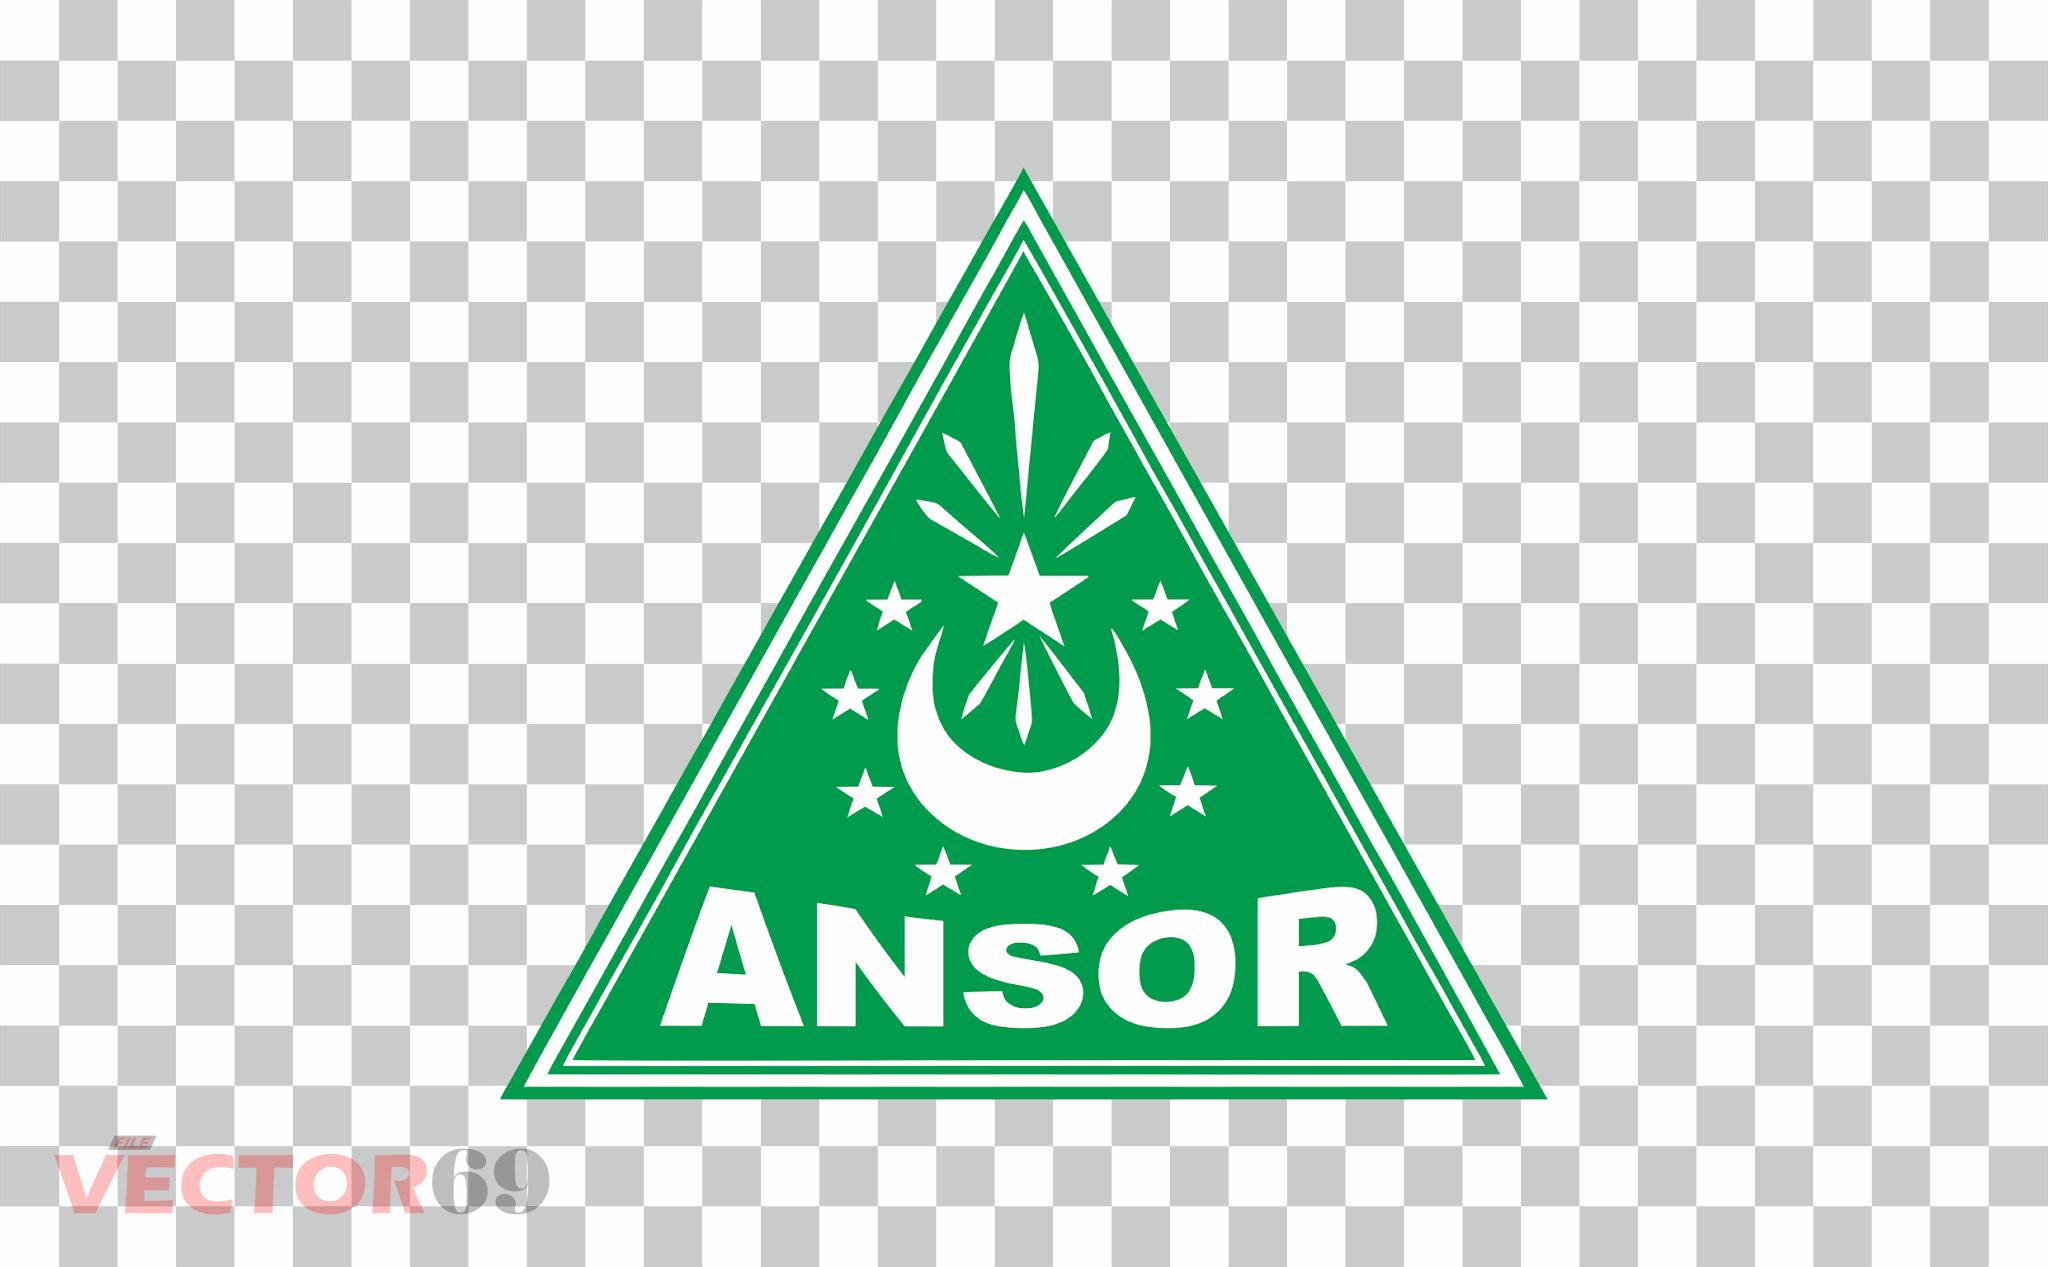 Gerakan Pemuda GP Ansor Logo - Download Vector File PNG (Portable Network Graphics)